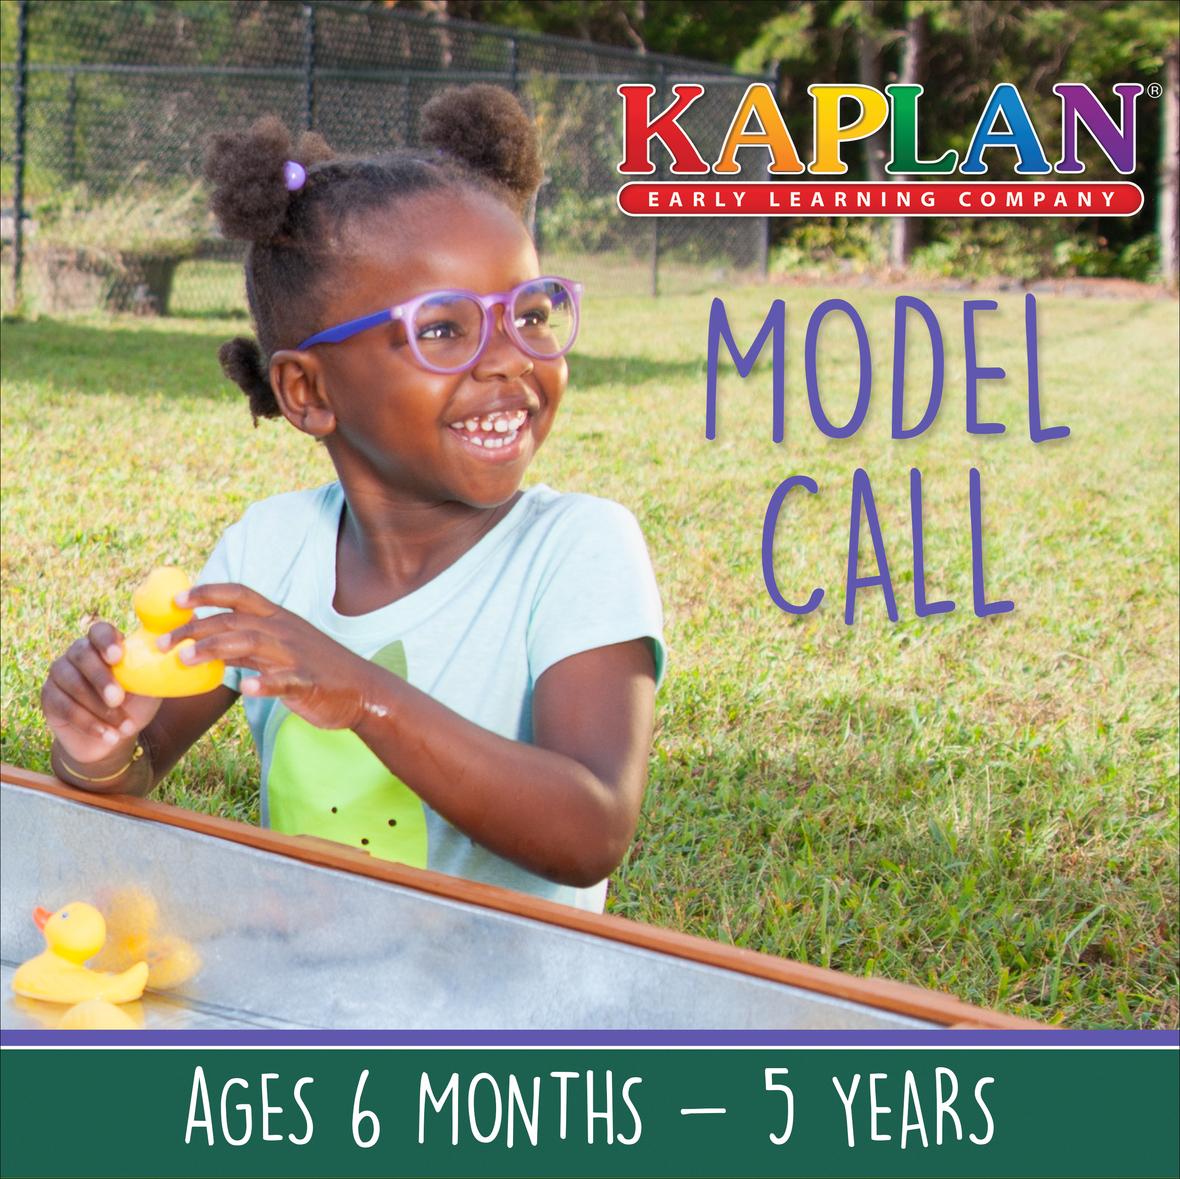 KELC Model Call 2018